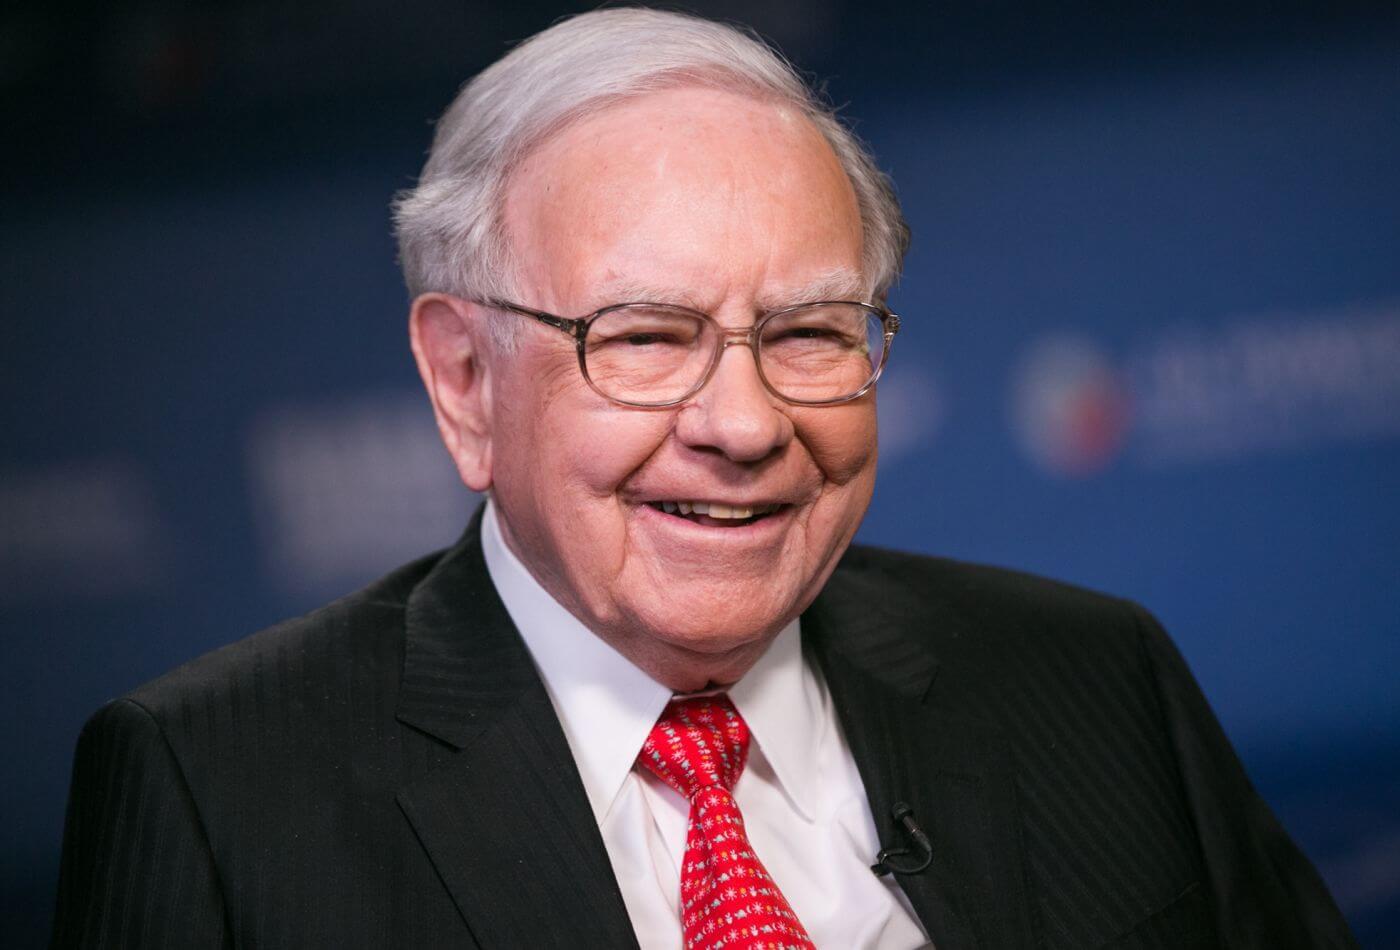 $100 Billion Club คืออะไร?: ทำความรู้จักกับ 8 บุคคลที่รวยที่สุดในโลก